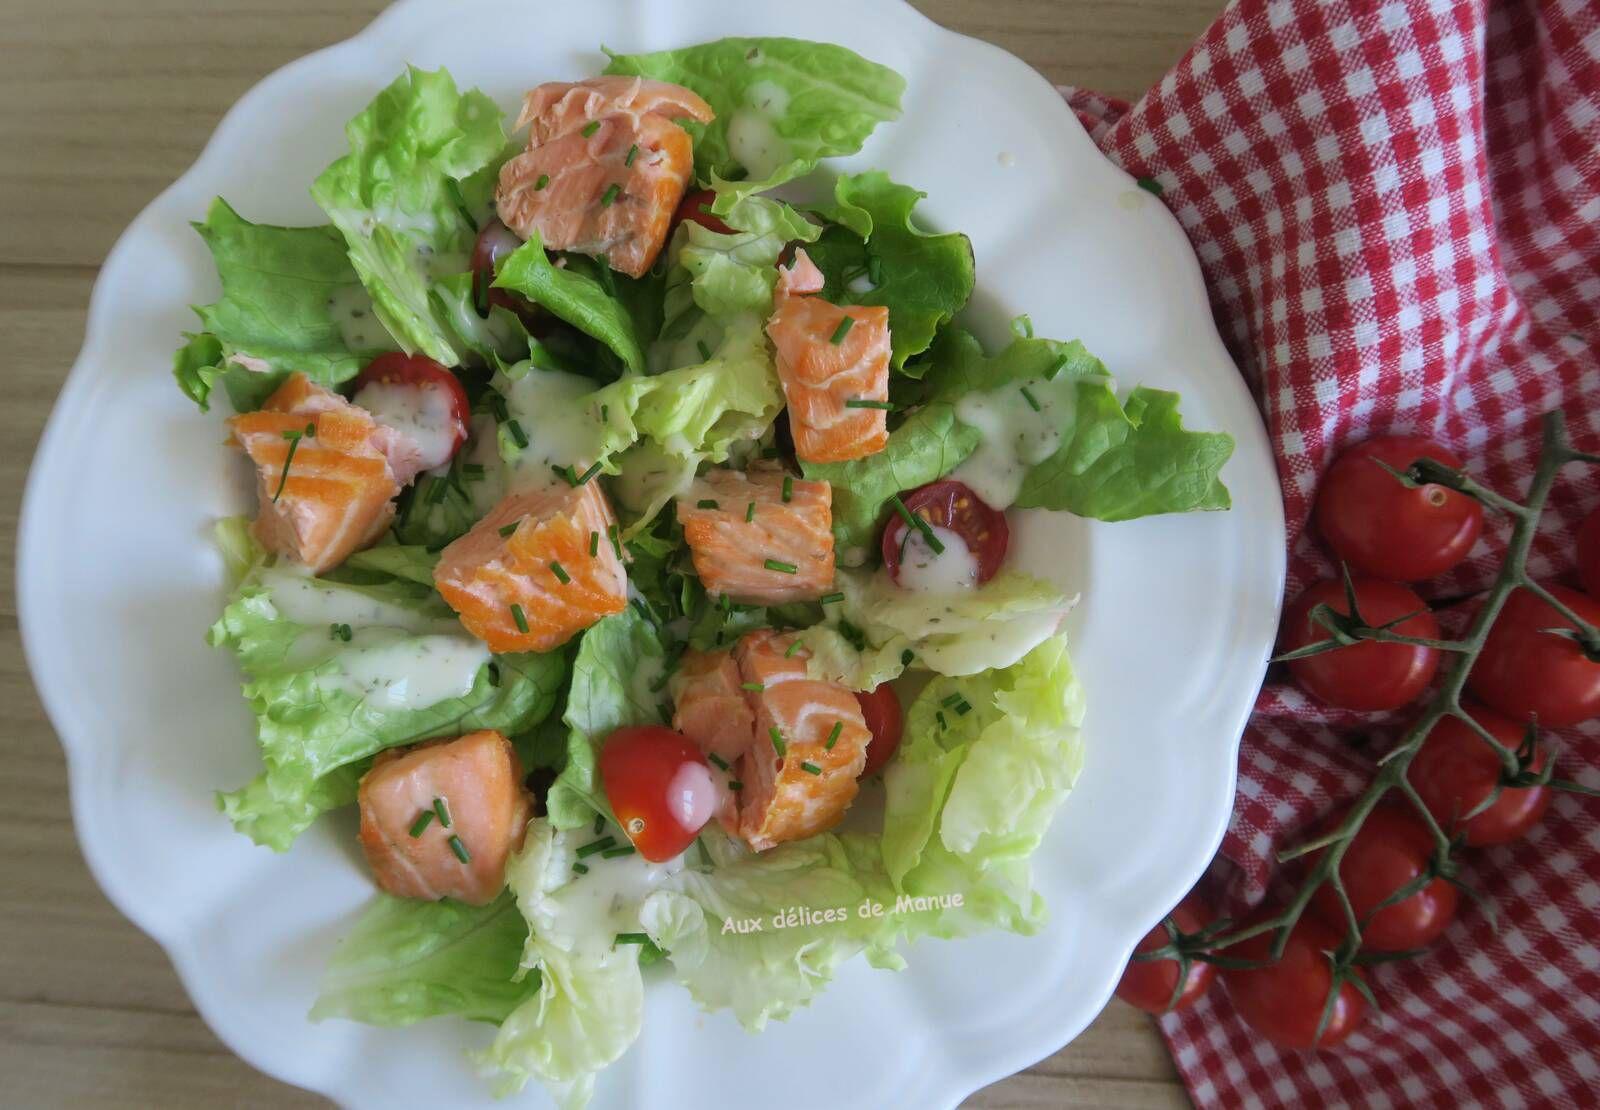 Salade verte aux des de saumon rotis